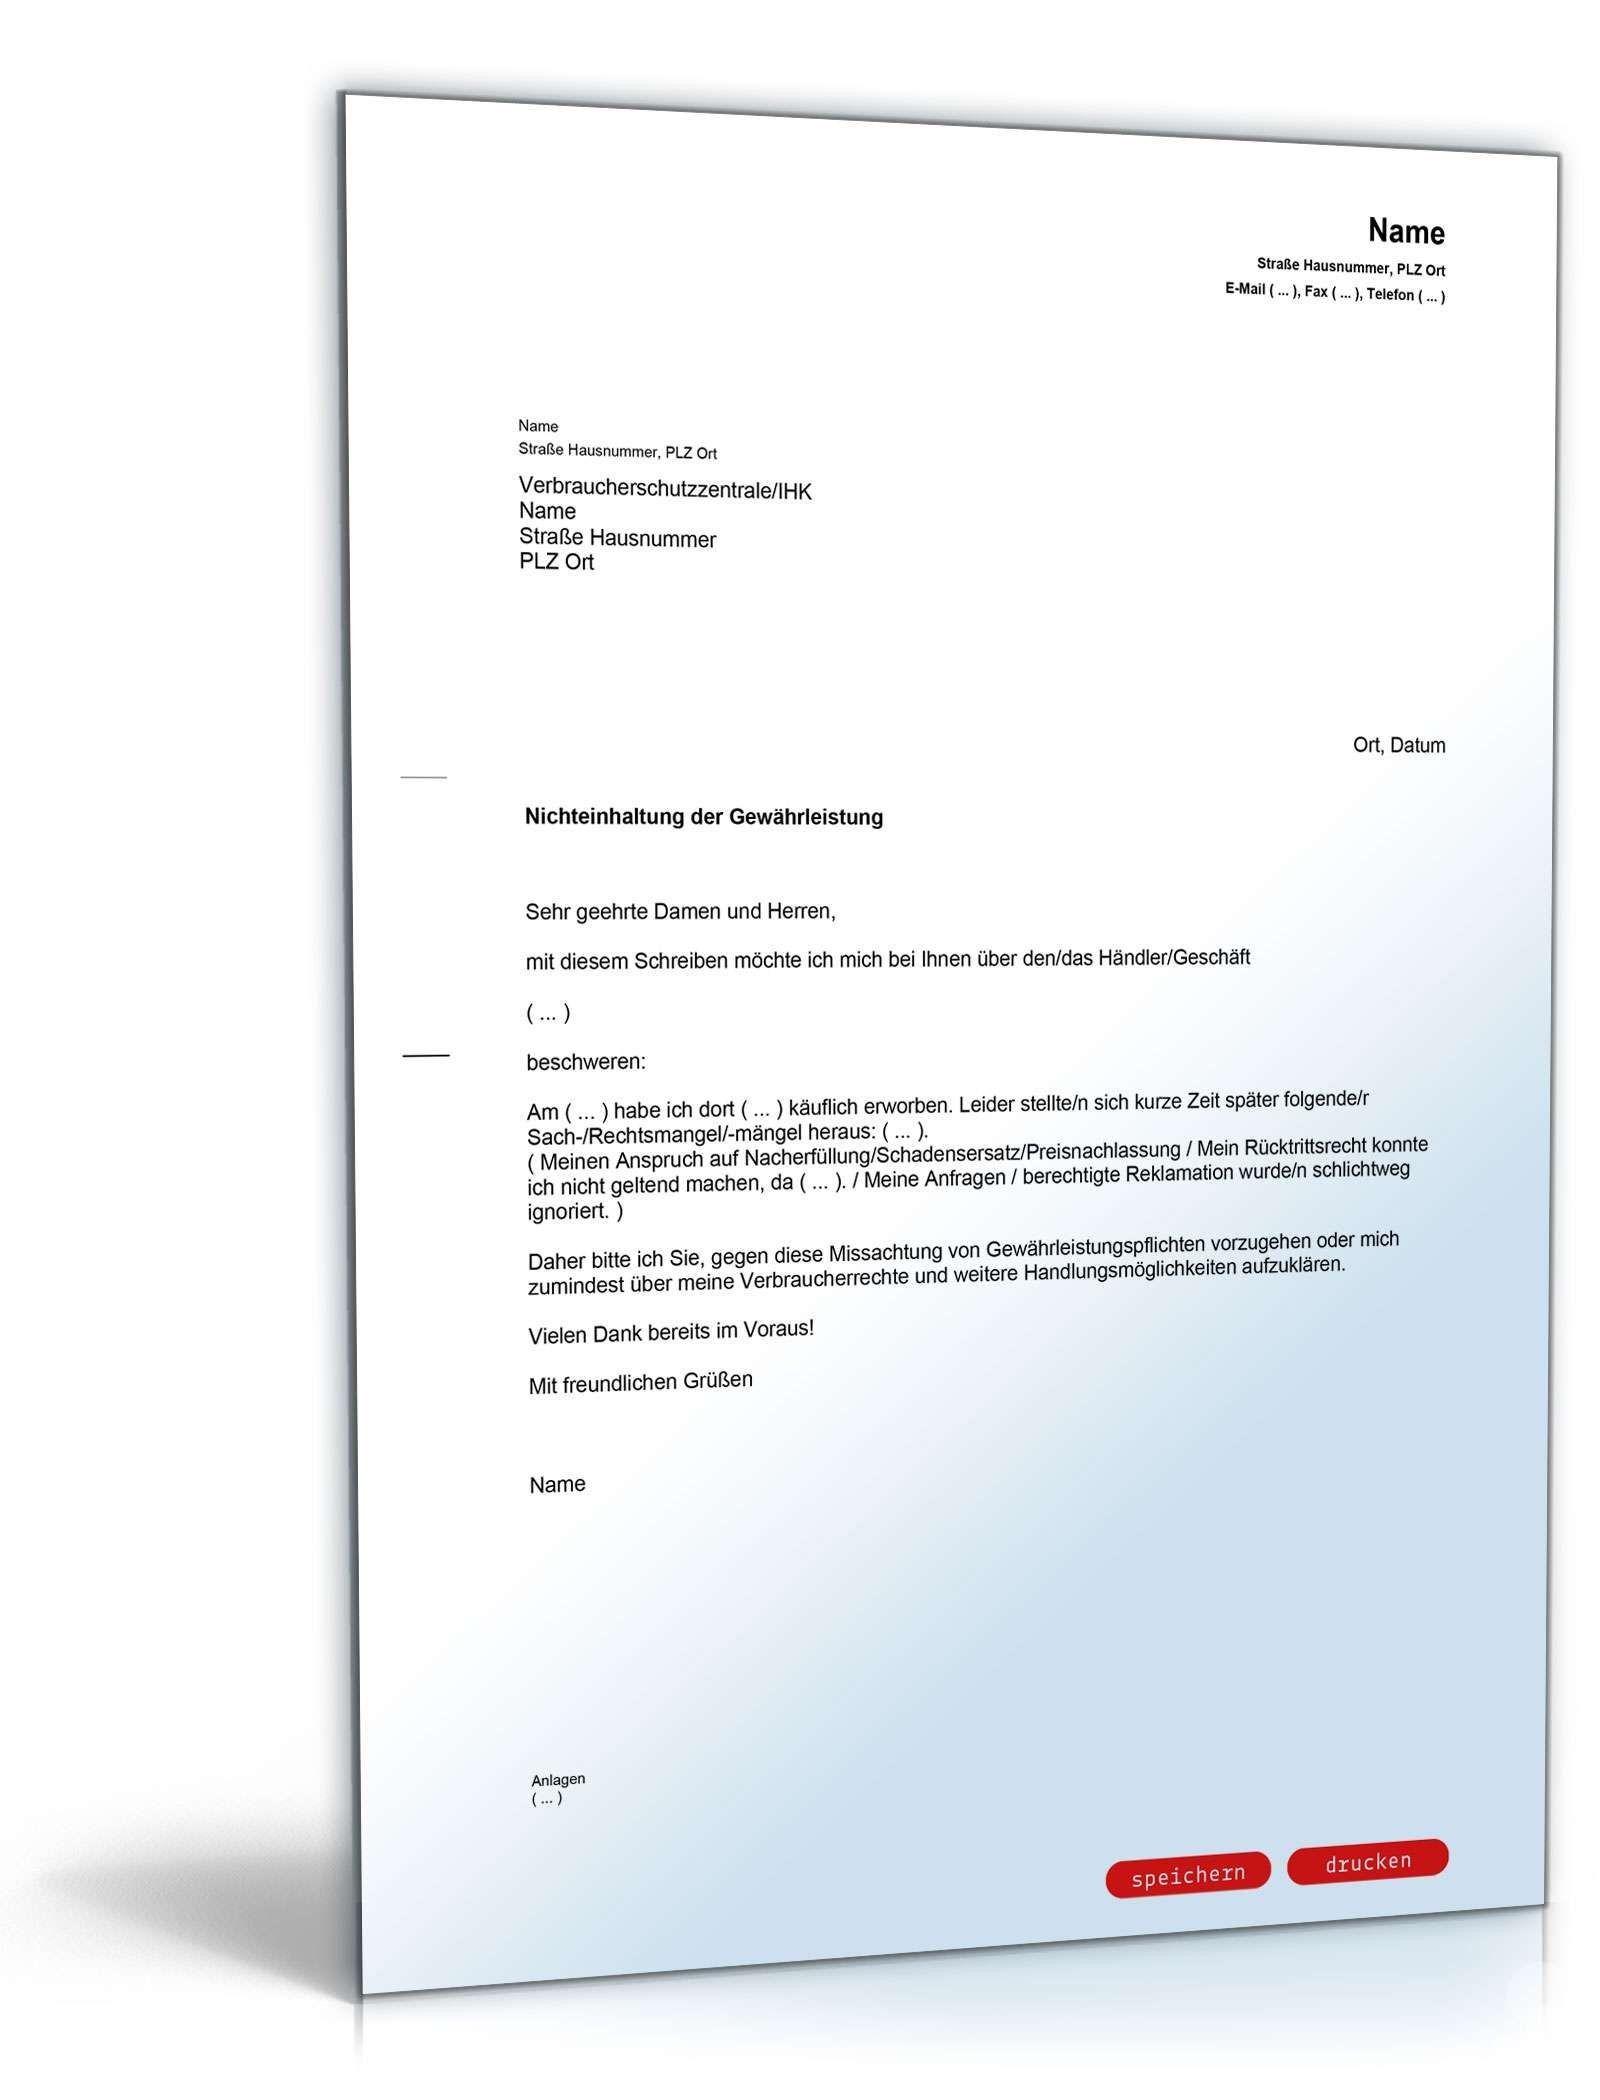 Frisch Musterschreiben Schadensersatz Briefprobe Briefformat Briefvorlage Vorlagen Word Lebenslauf Rechnung Vorlage